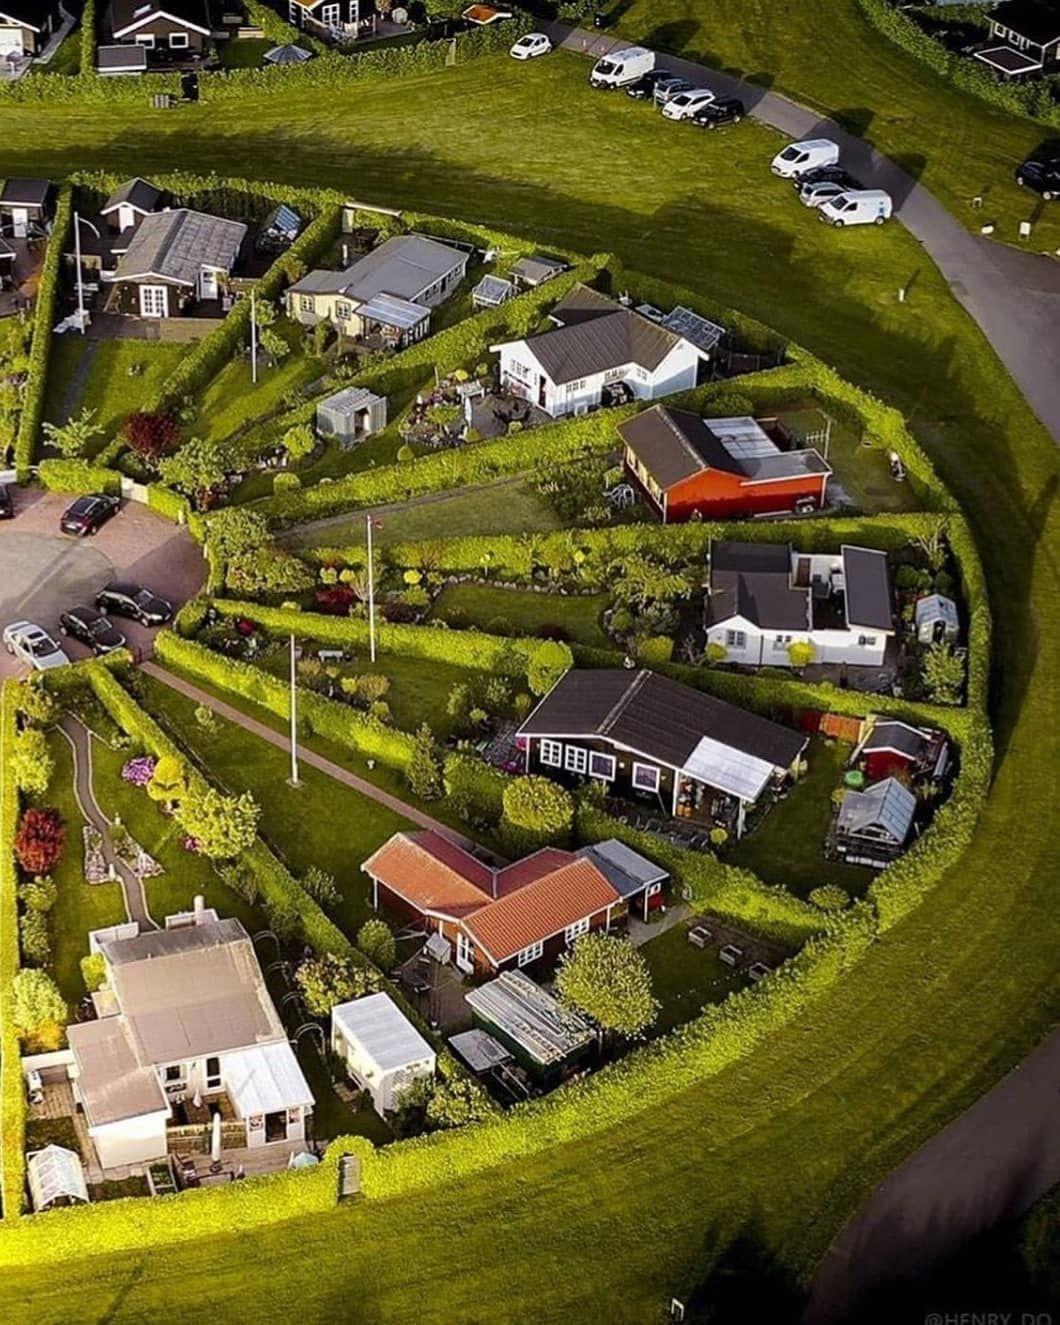 Danimarka'daki Brøndby Köyü Bildiğimiz Tüm Mimari Tasarımları Unutun - Sayfa 2